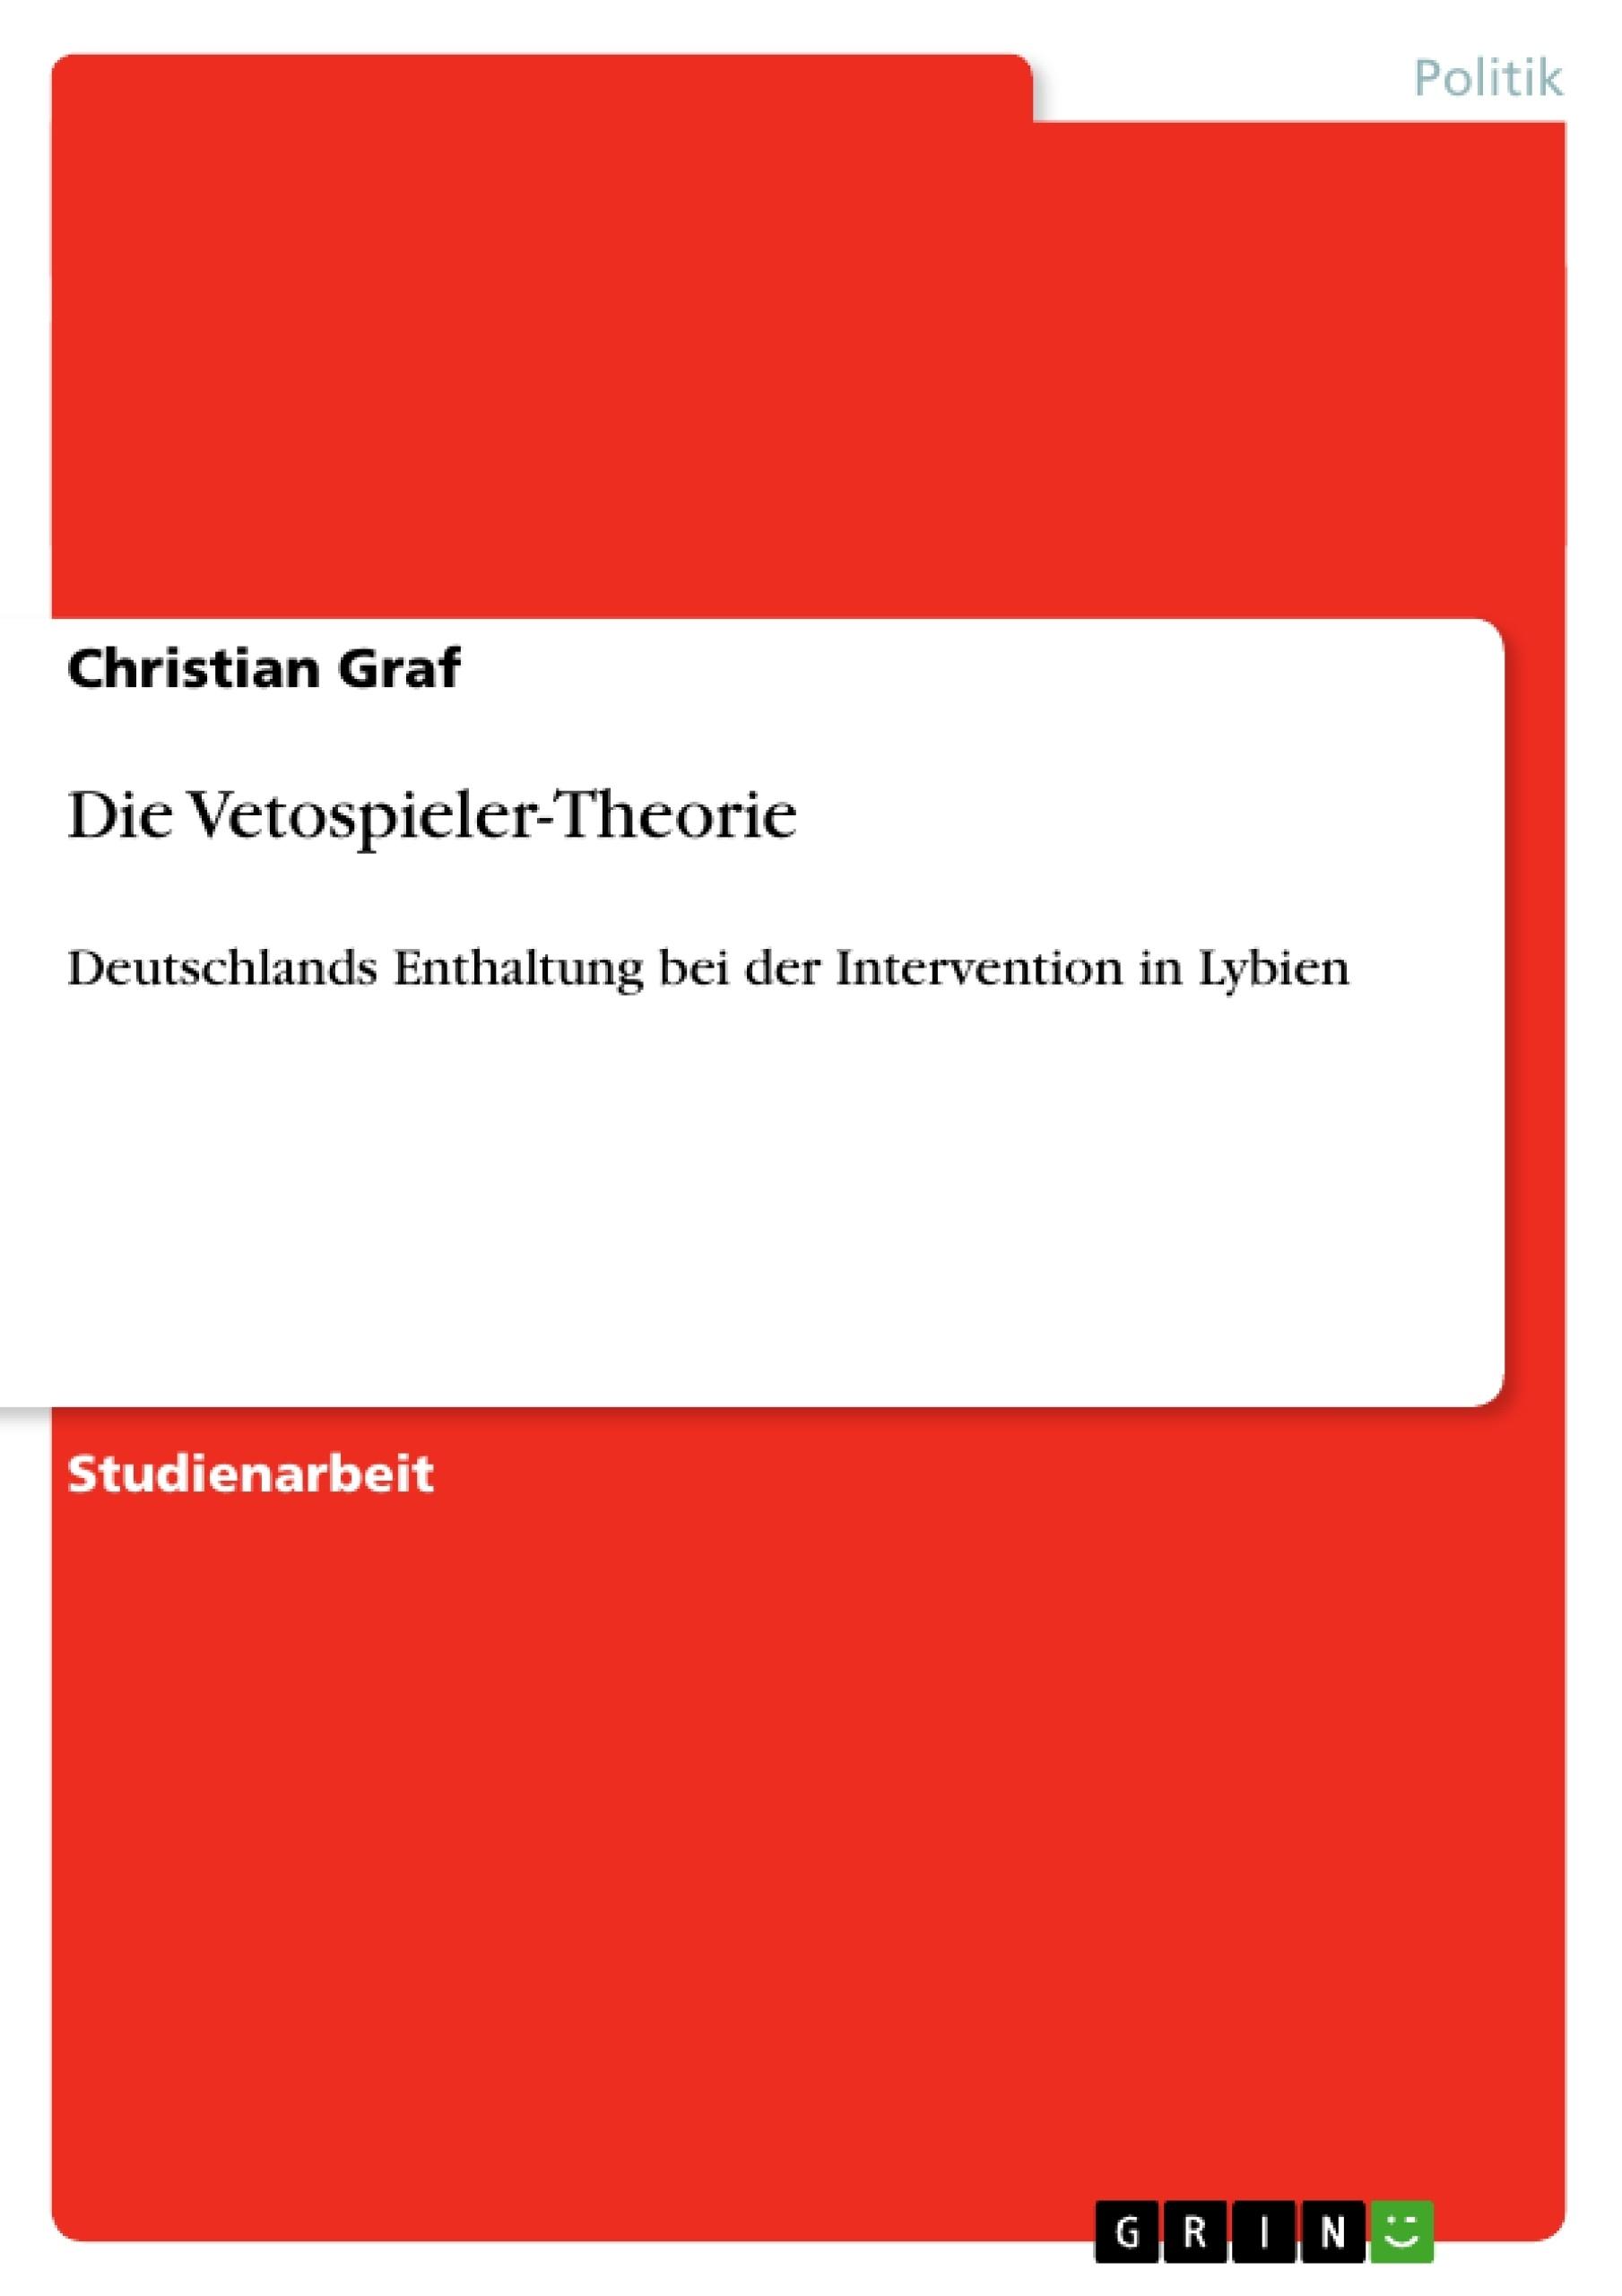 Titel: Die Vetospieler-Theorie